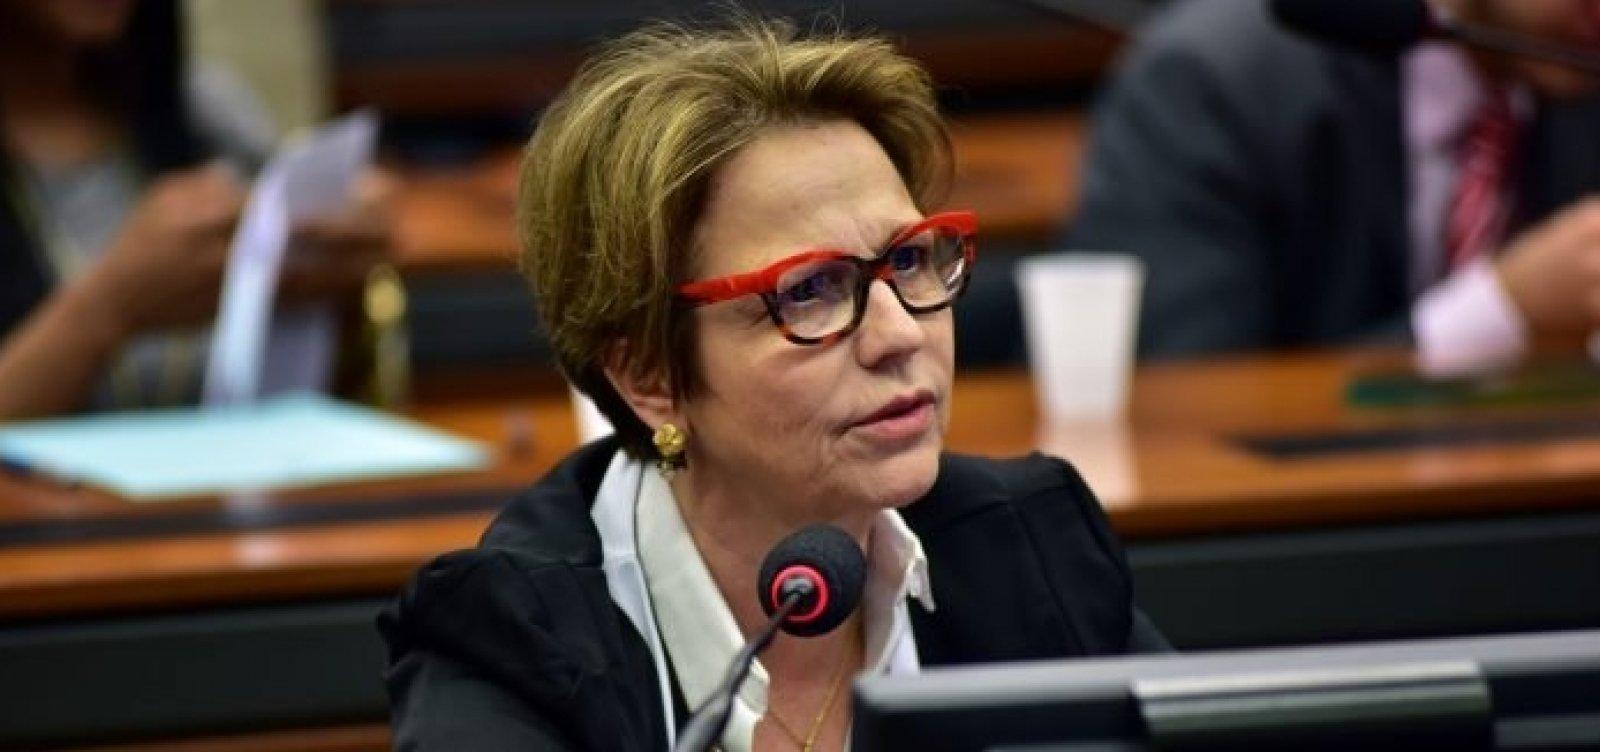 [Futura ministra da Agricultura admite negócio com JBS, mas nega conflito de interesses]